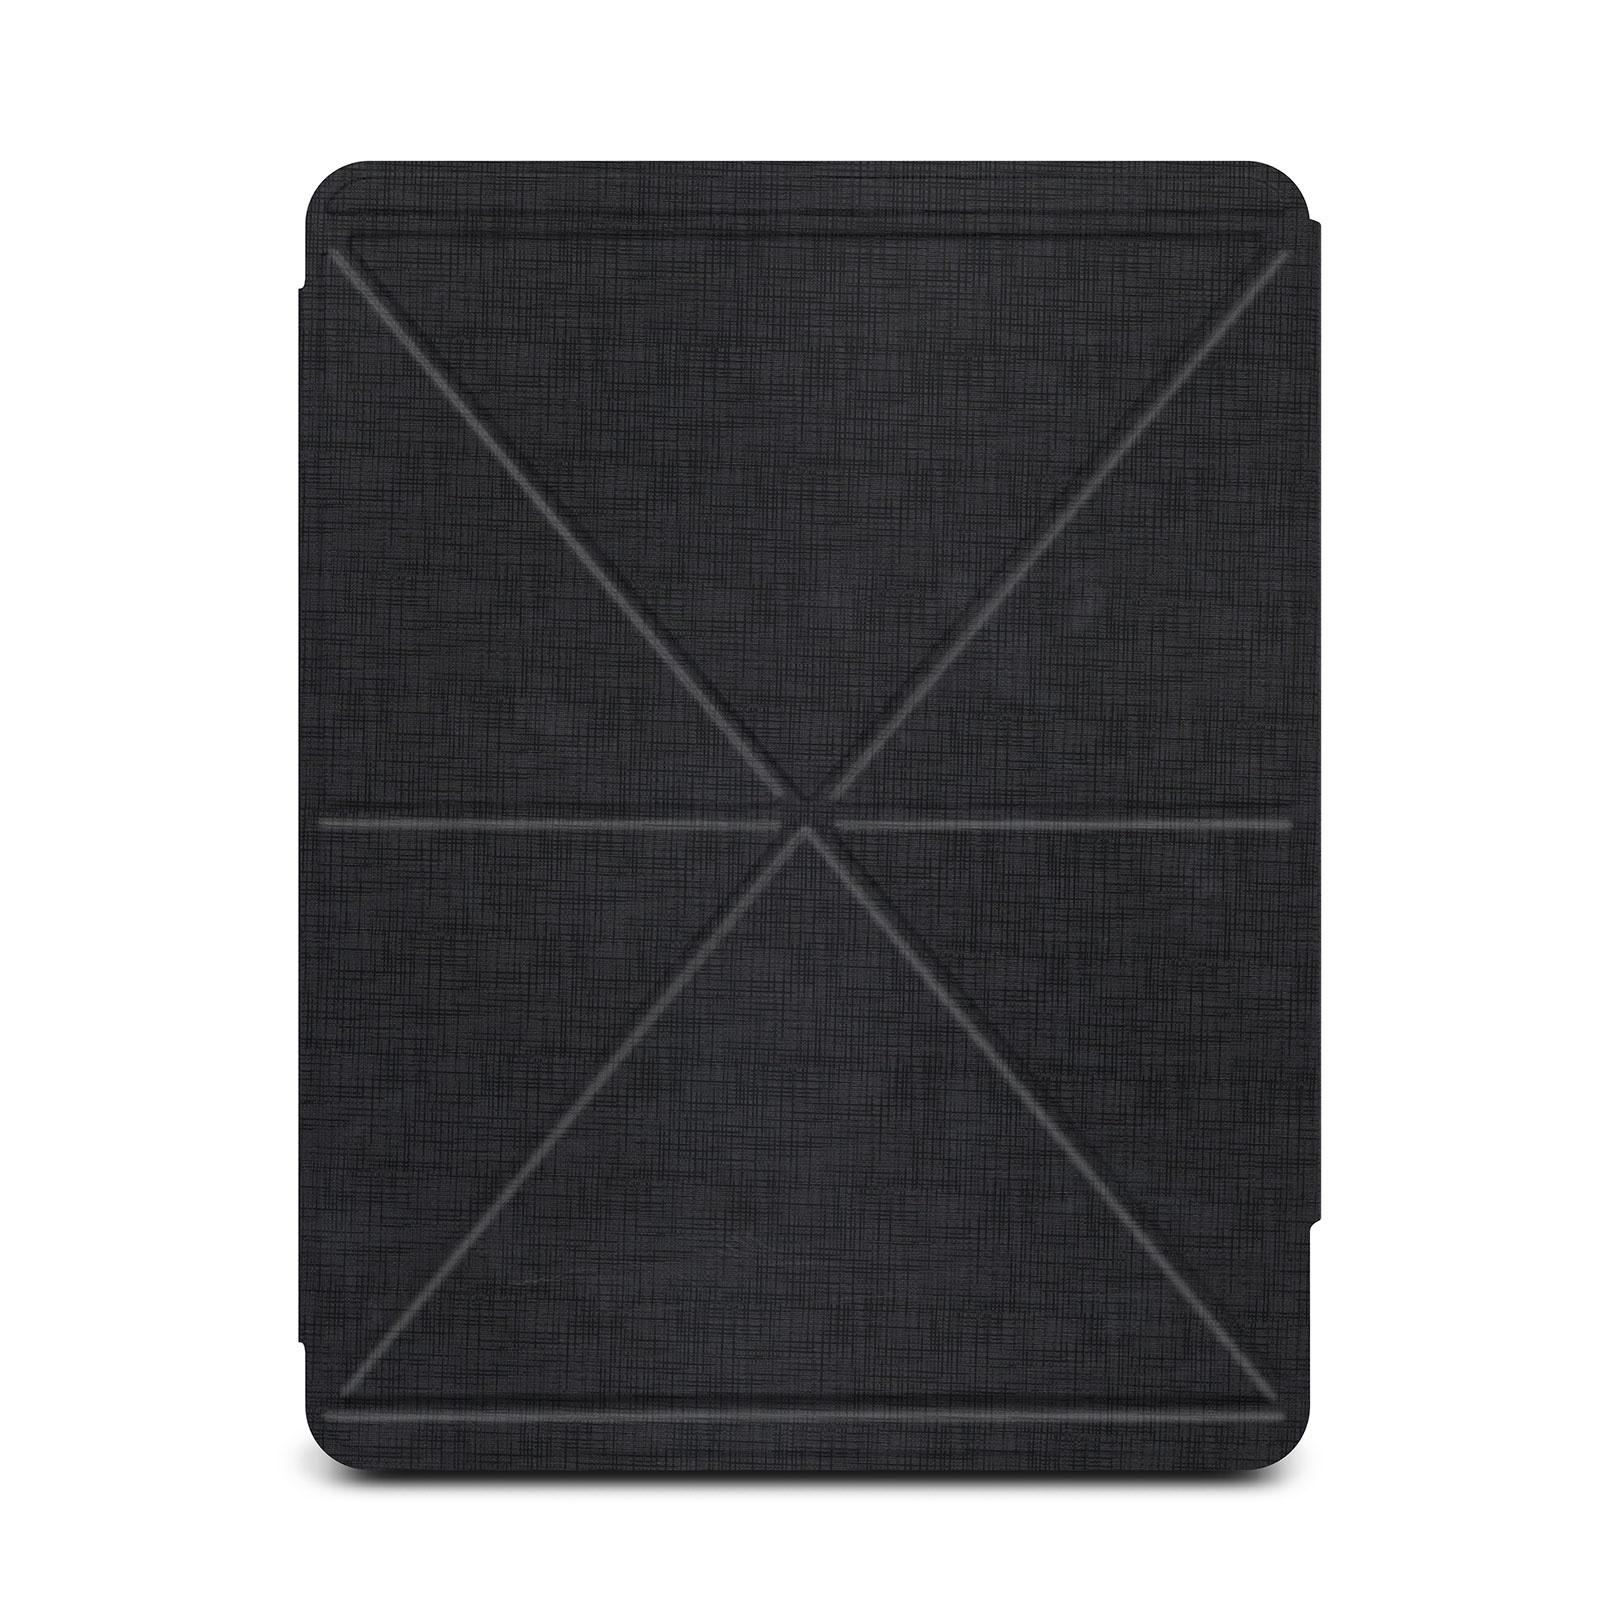 Чехол для планшета Moshi 99MO056007, черный сумка moshi aerio lite для ipad и других планшетов материал хлопок полиэстер цвет синий